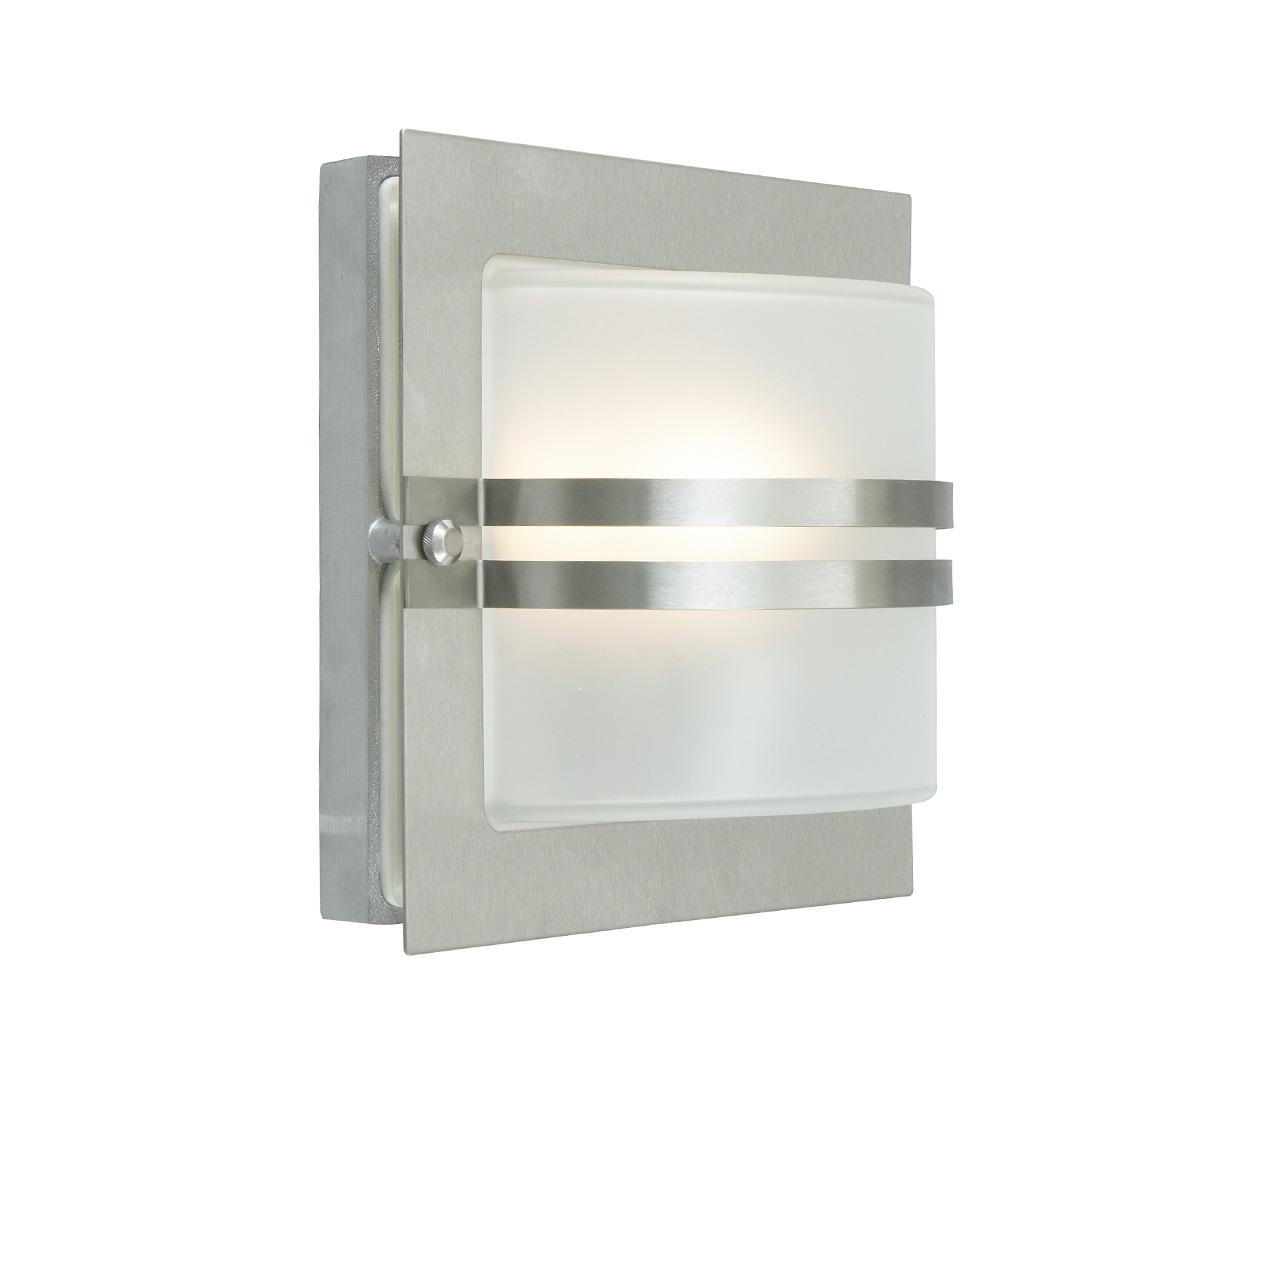 Lampa ścienna BERN LED 655ST -Norlys  SPRAWDŹ RABATY  5-10-15-20 % w koszyku